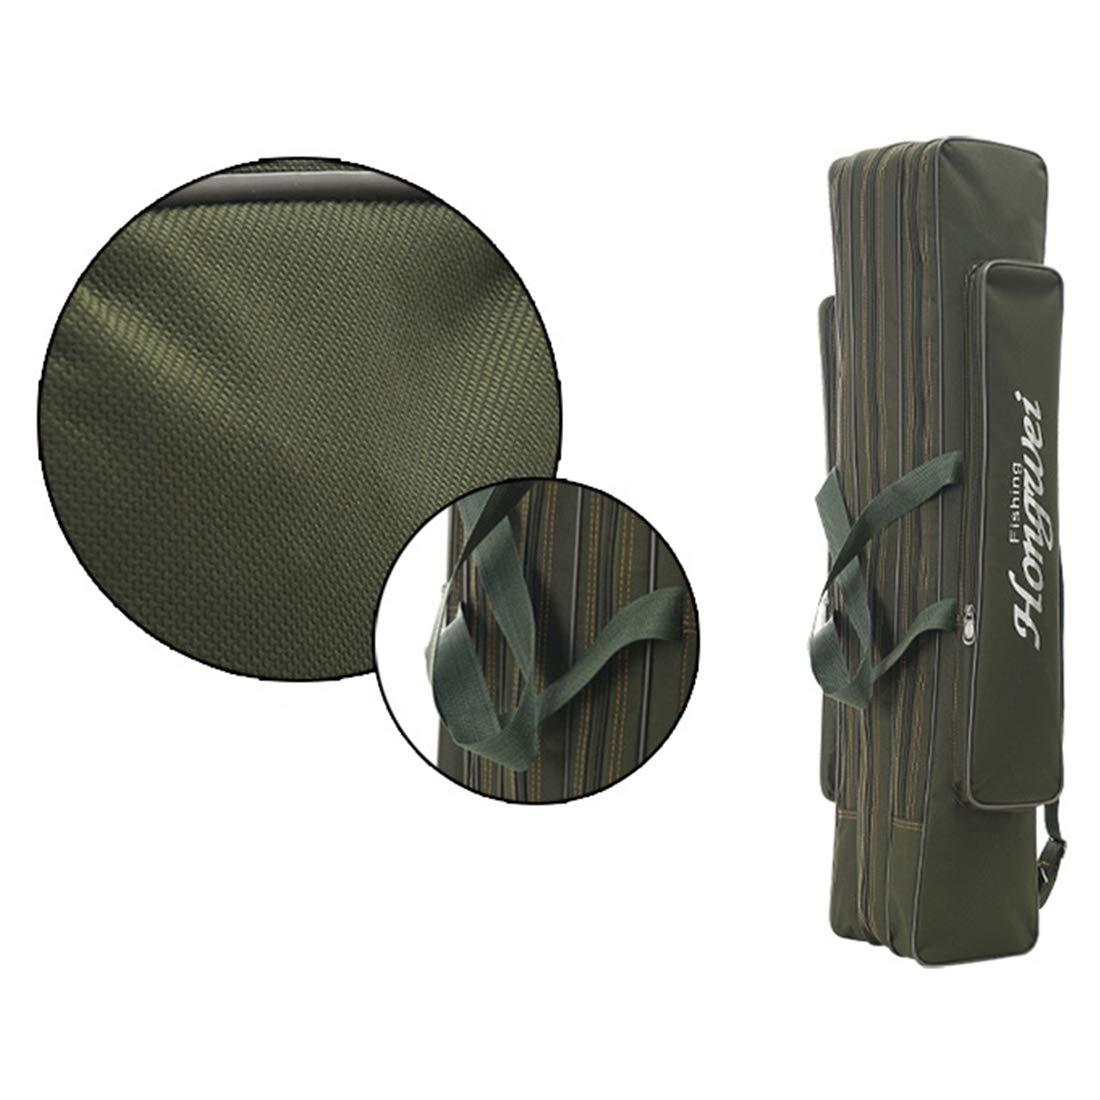 LBWNB Angelruten-Tasche Mehrzweck-Faltbare Angels/äcke Angelruten-Taschen Rei/ßverschluss-Taschen Angelzubeh/ör-Taschen Aufbewahrungstaschen